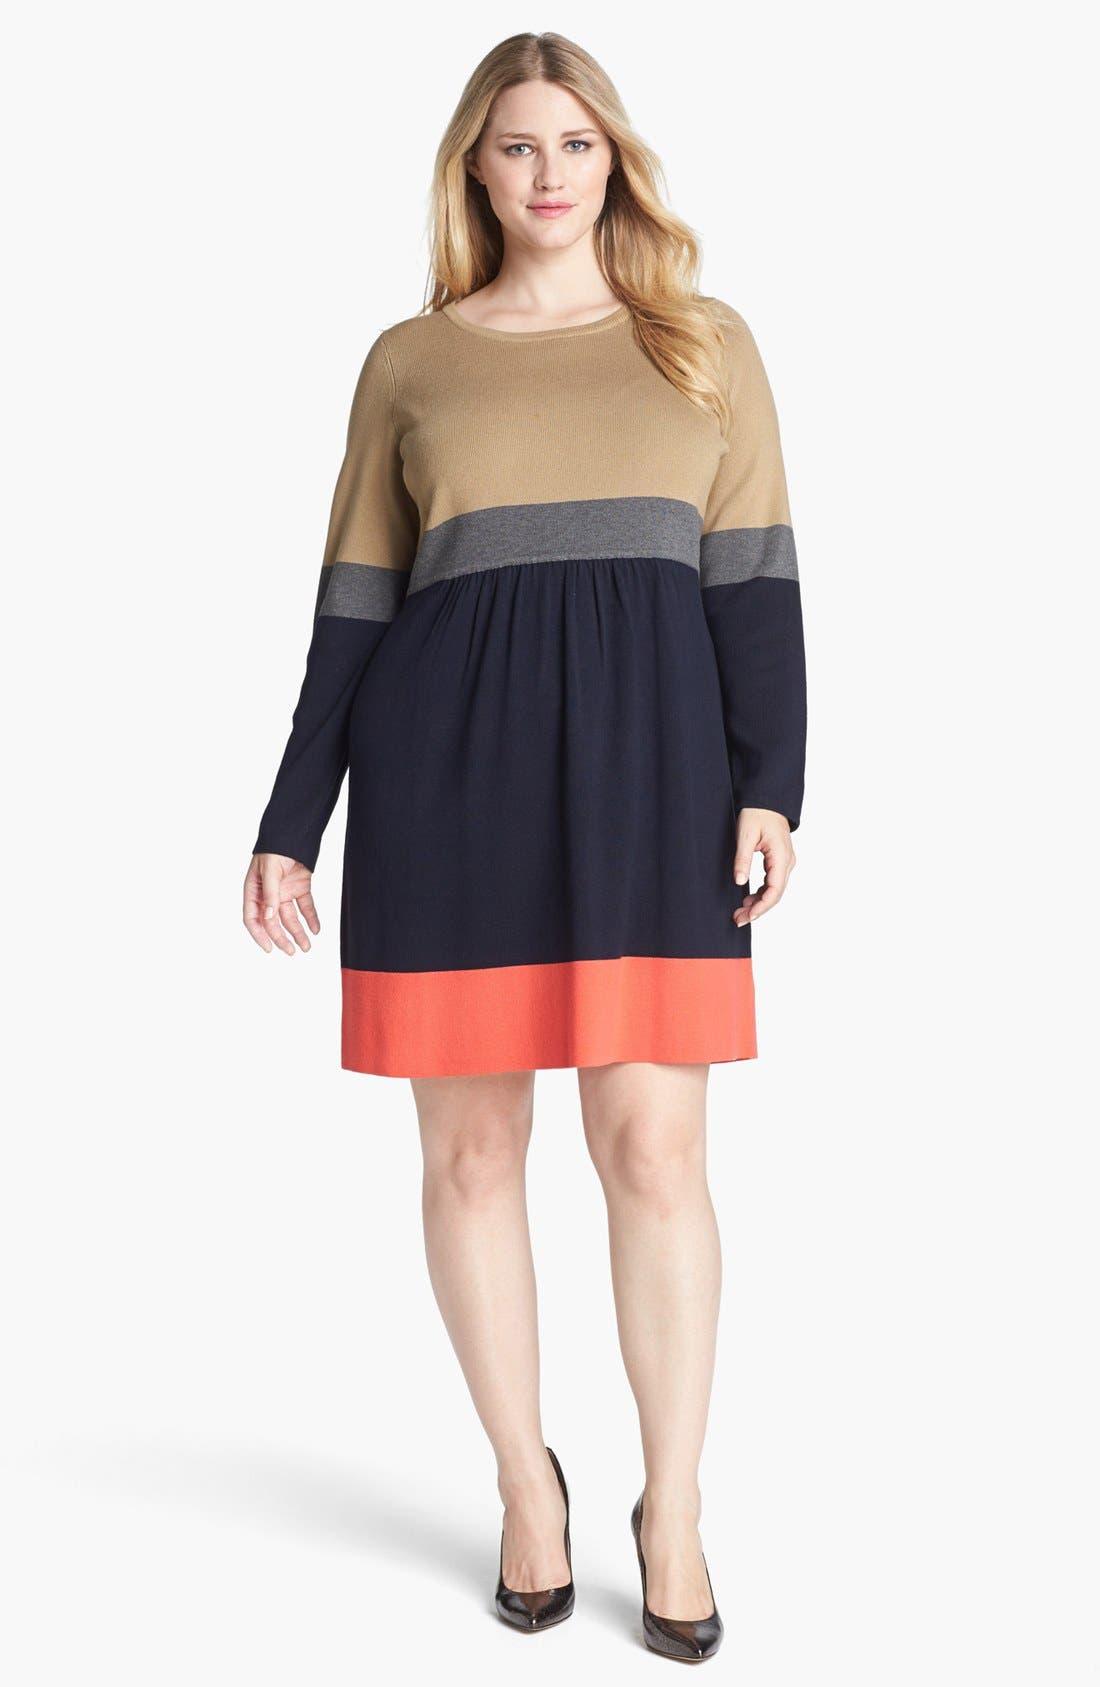 Alternate Image 1 Selected - Eliza J Colorblock Sweater Dress (Plus Size)